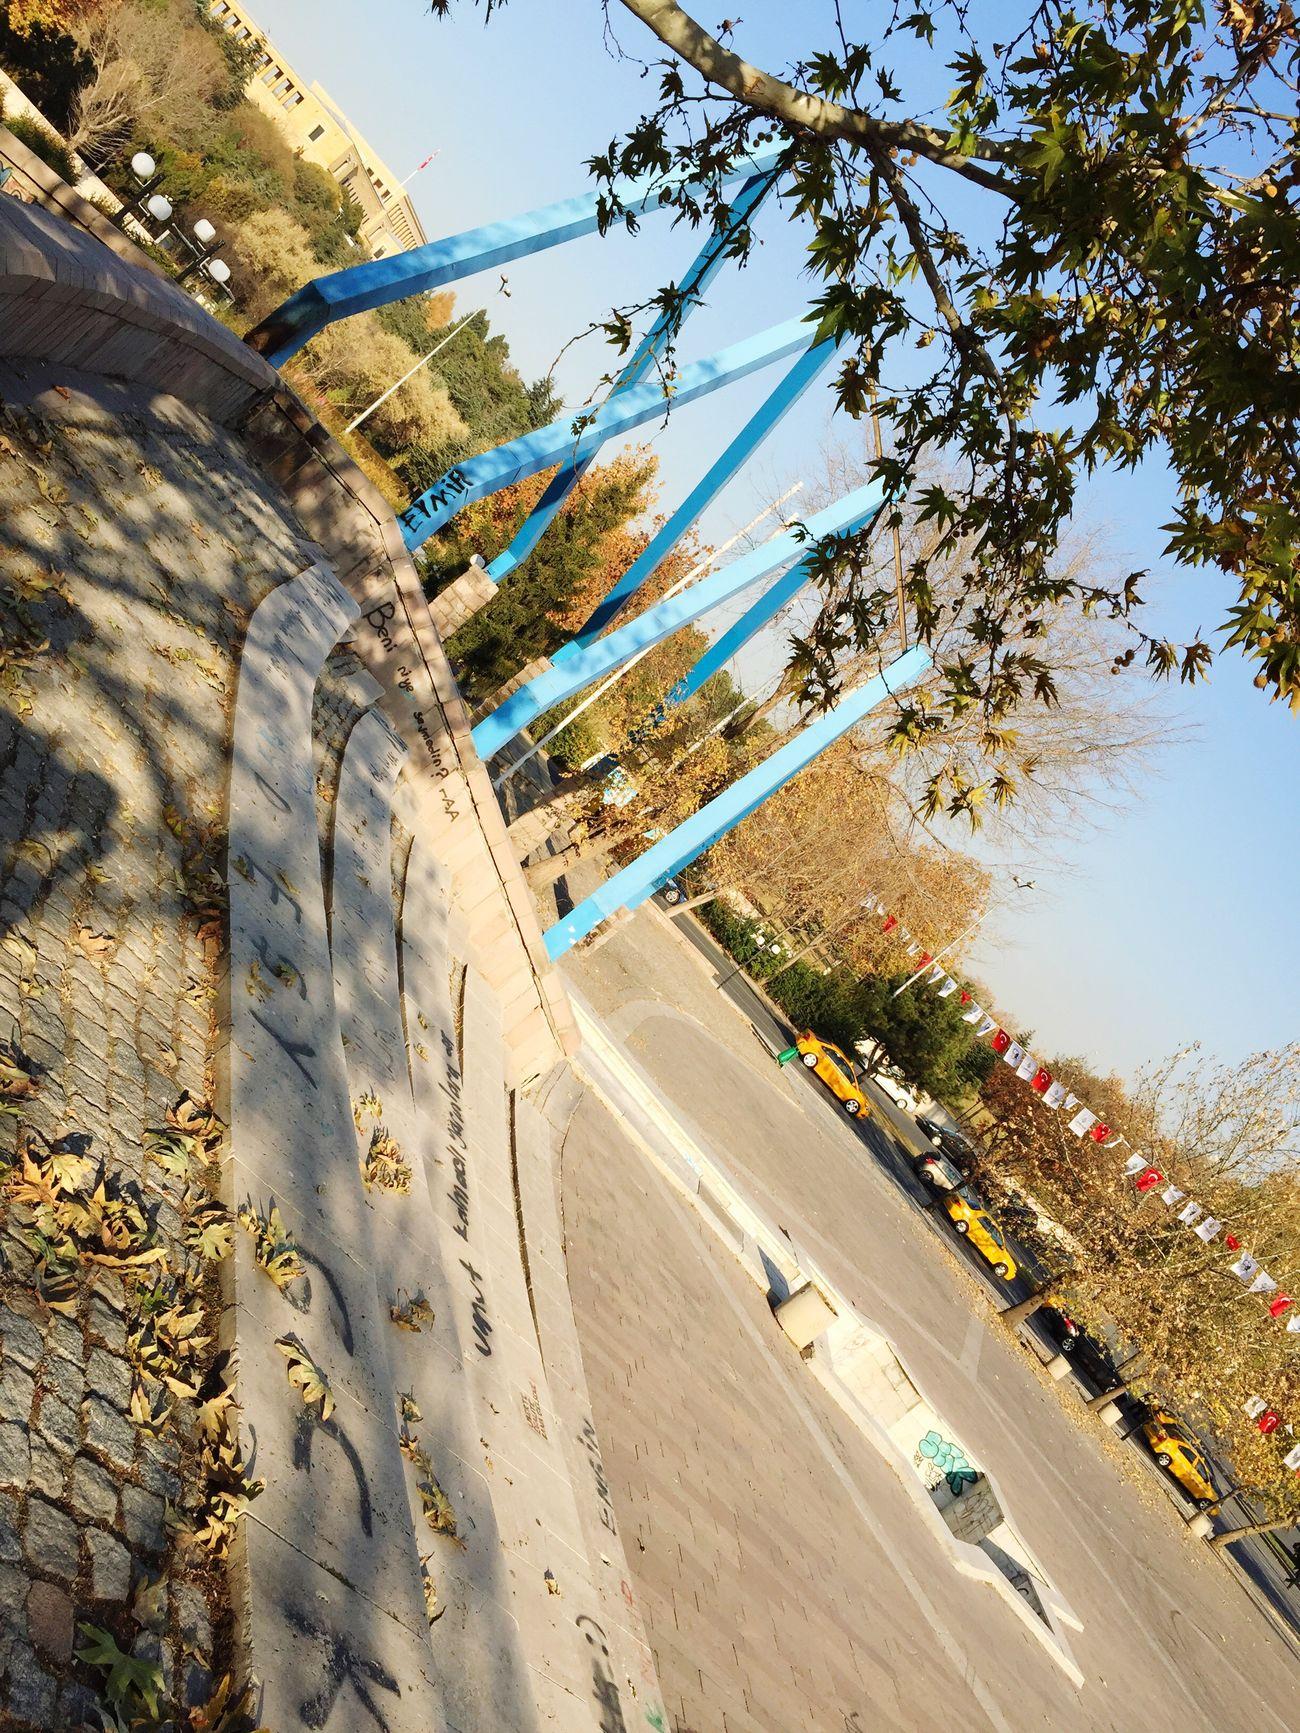 Anıtkabir Anıtpark IPhone Photography